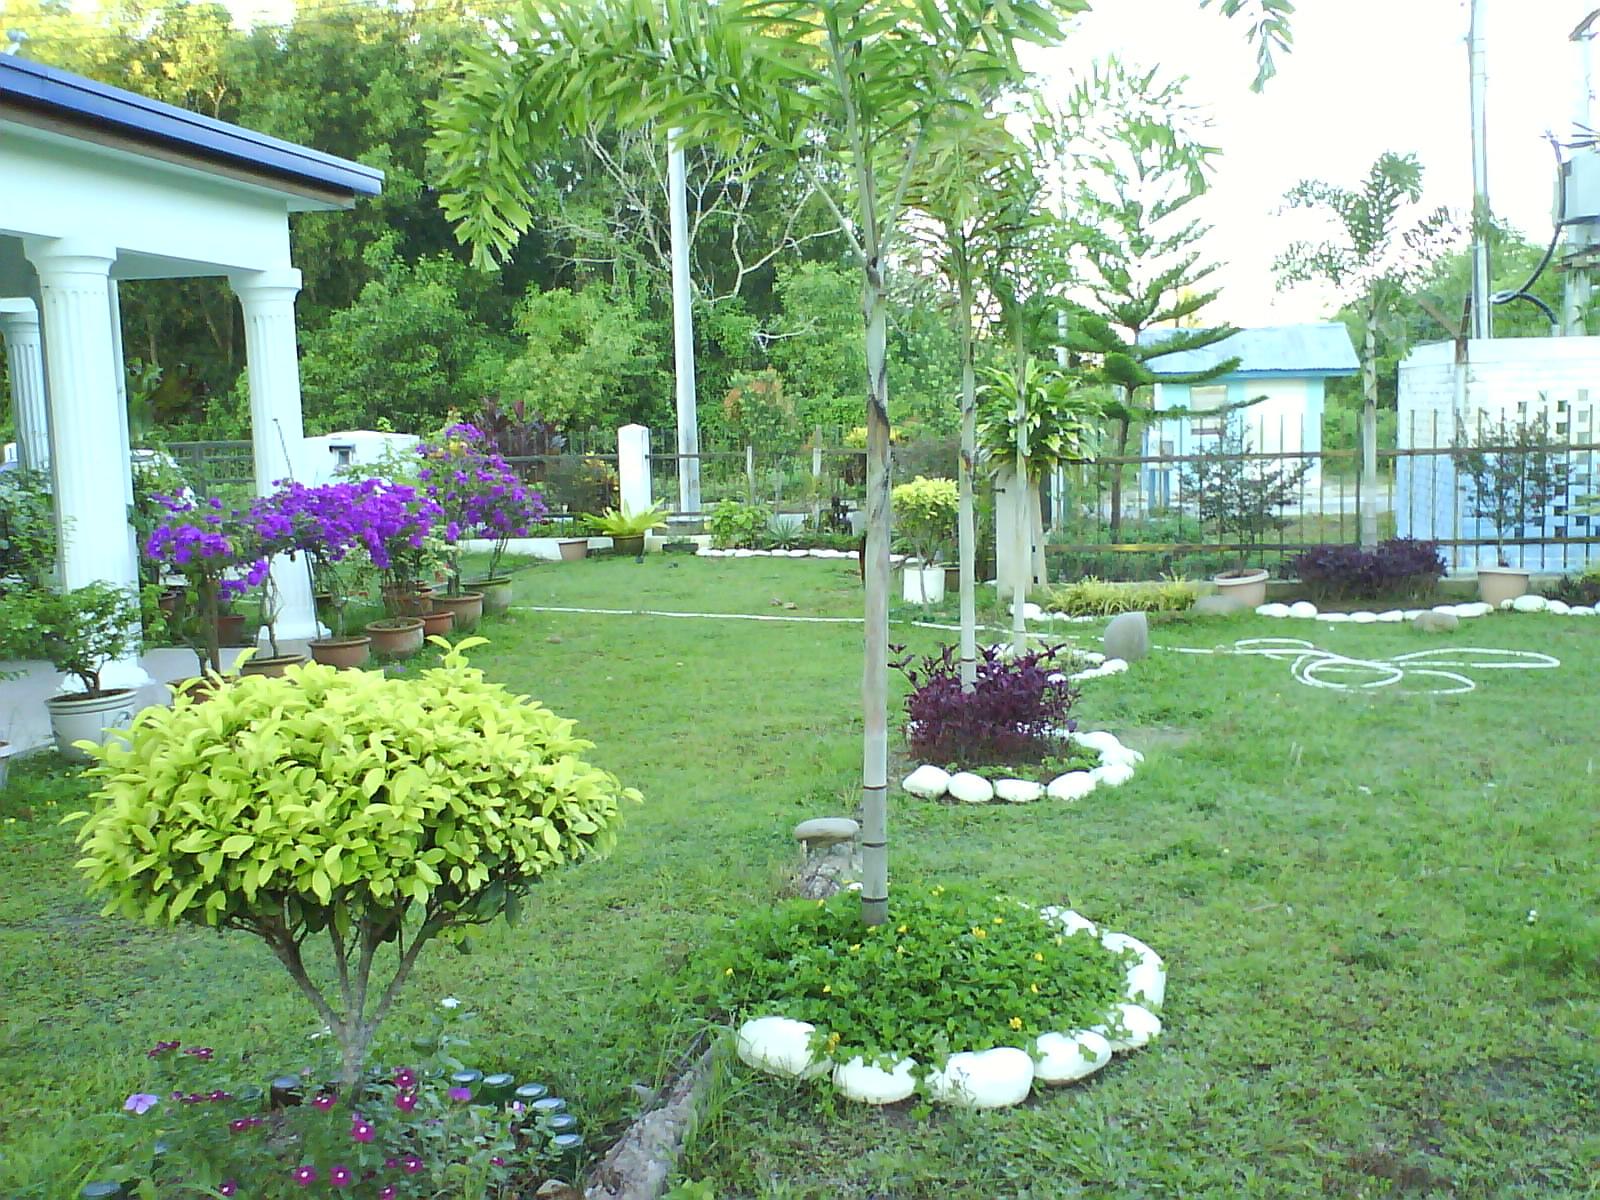 landskap halaman rumah gambar images